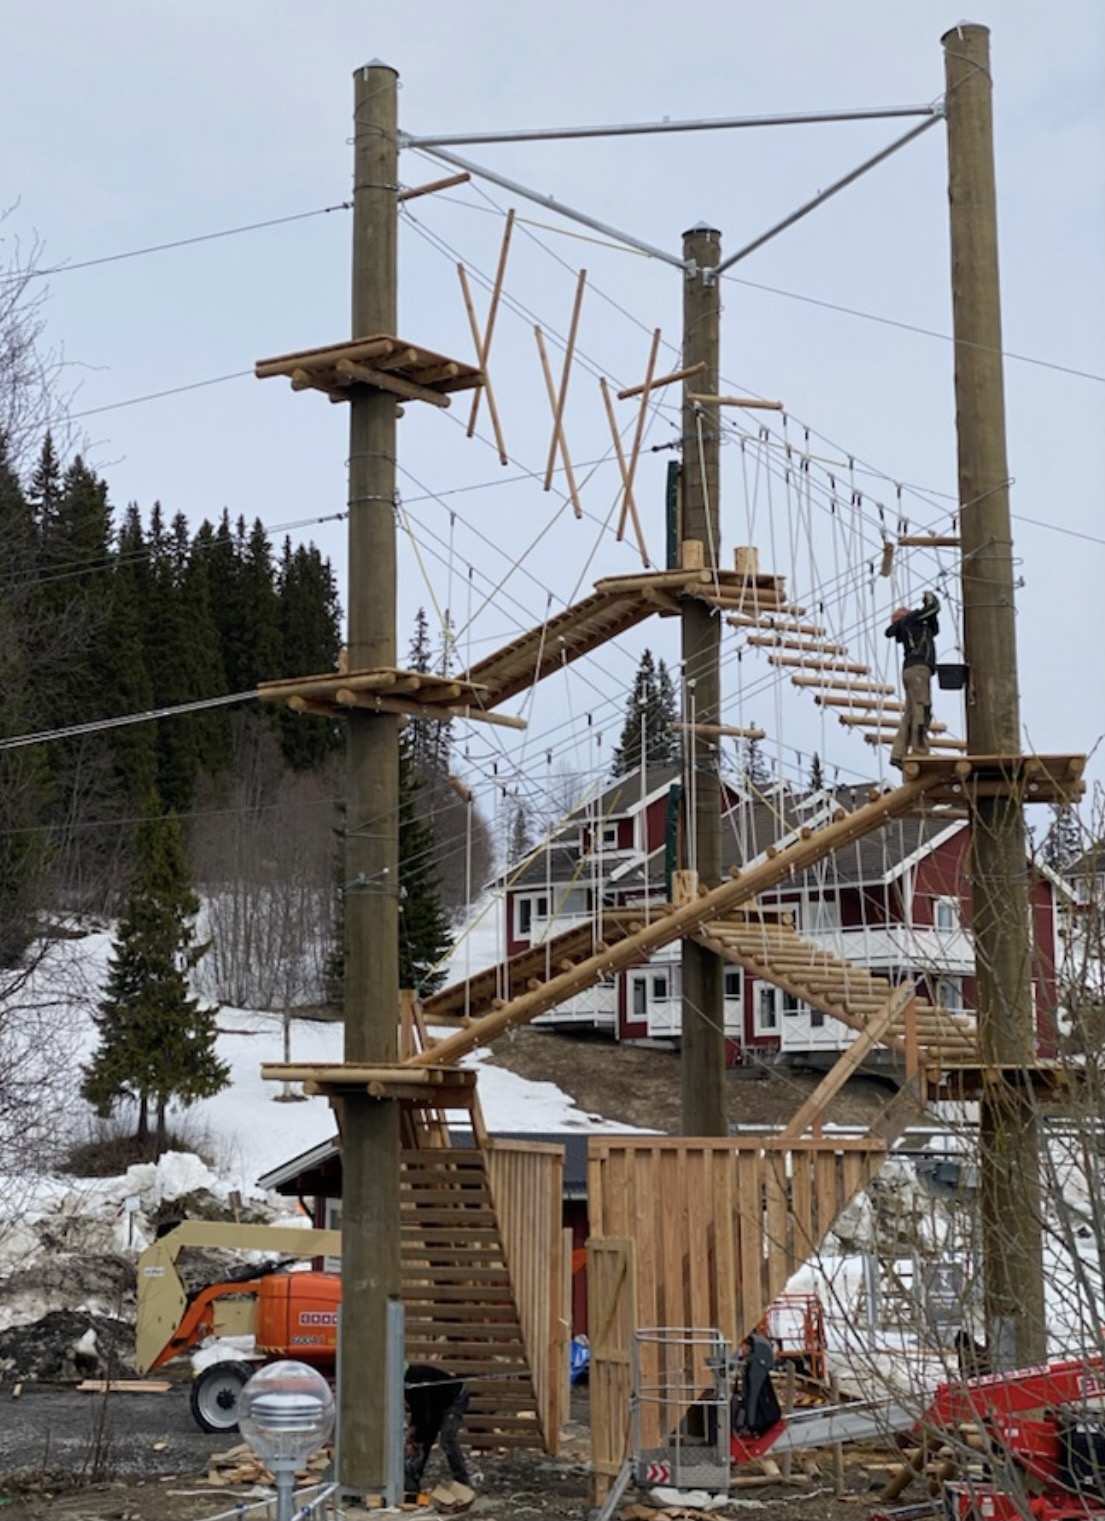 Åre-Höghöjdsbana-Björnen-sommarnyheter-2021